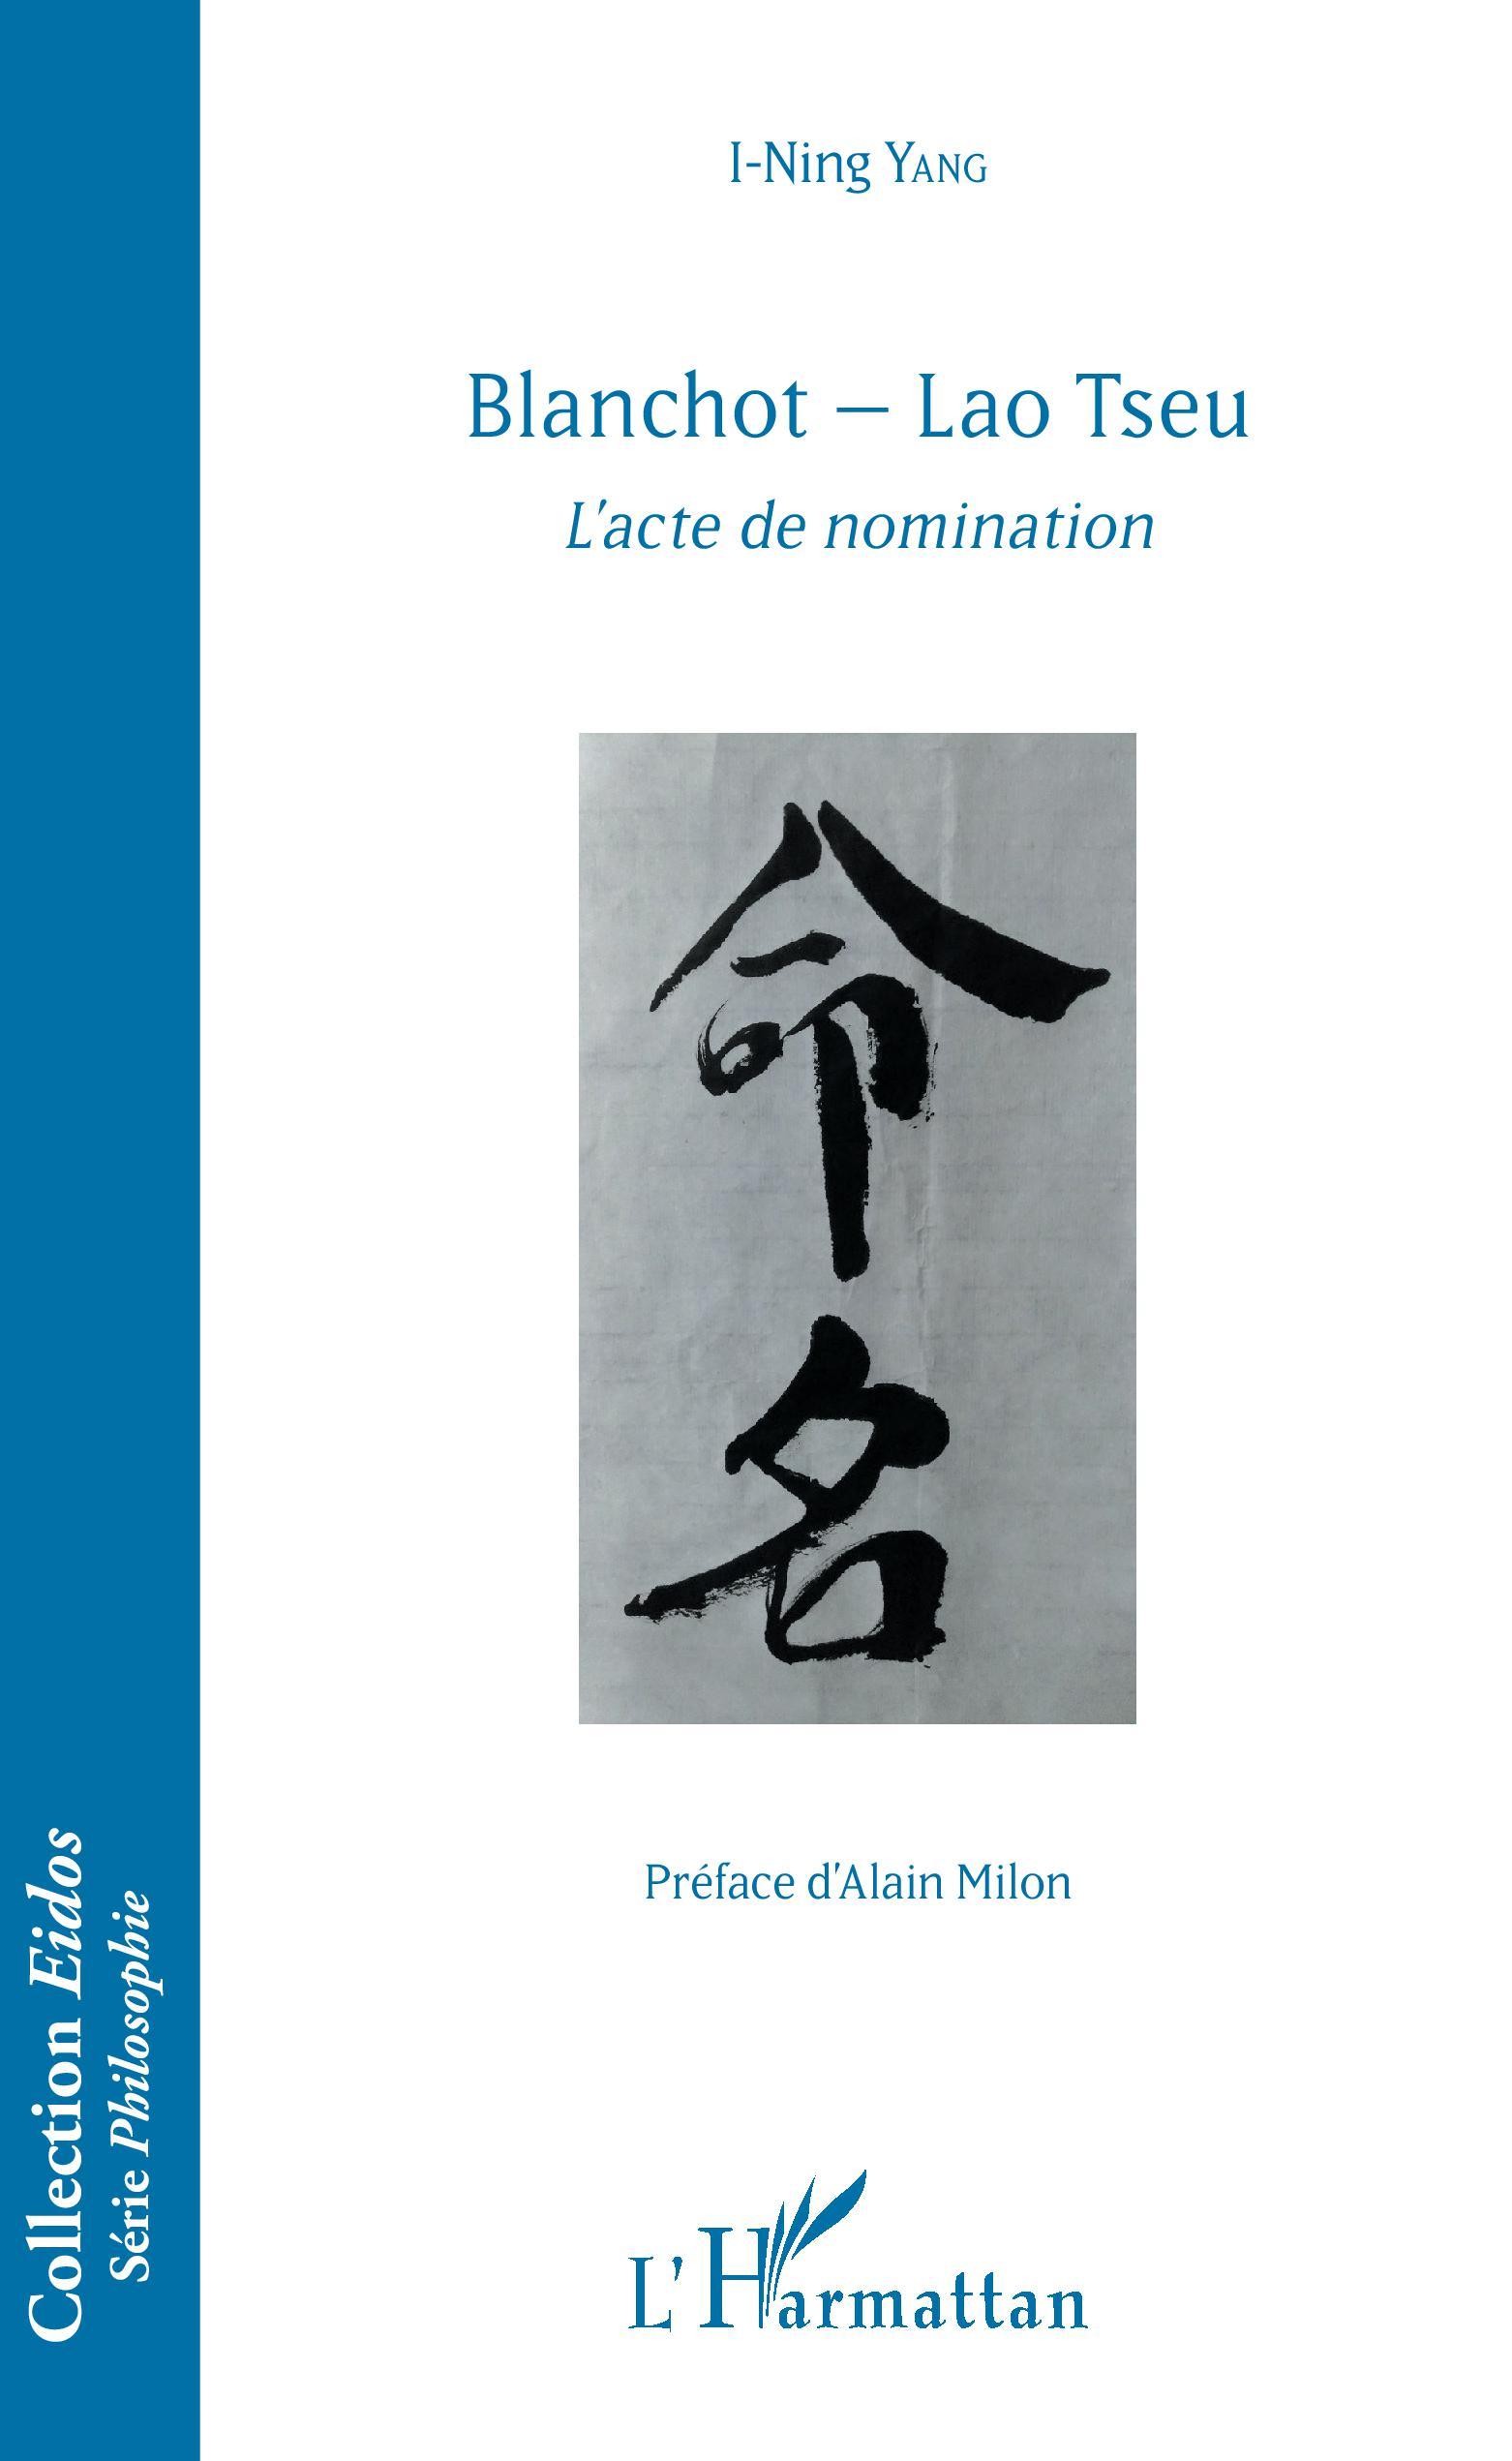 I-Ning Yang, Blanchot - Lao Tseu : L'acte de nomination